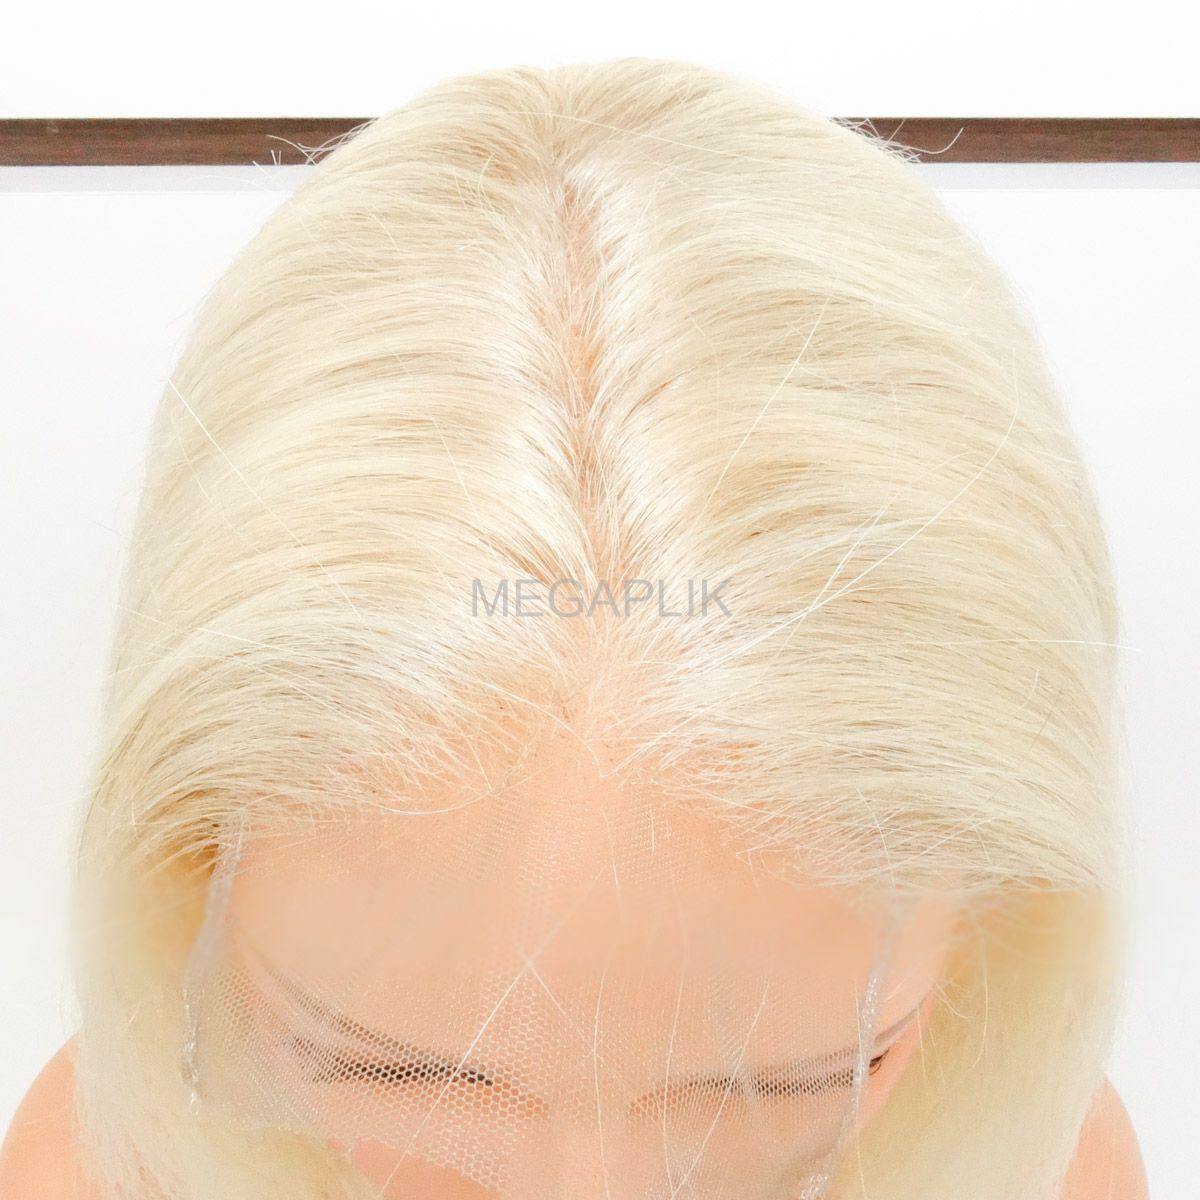 Lace Closure - Aplique de Cabelo Humano para Topo de Cabeça - 50cm